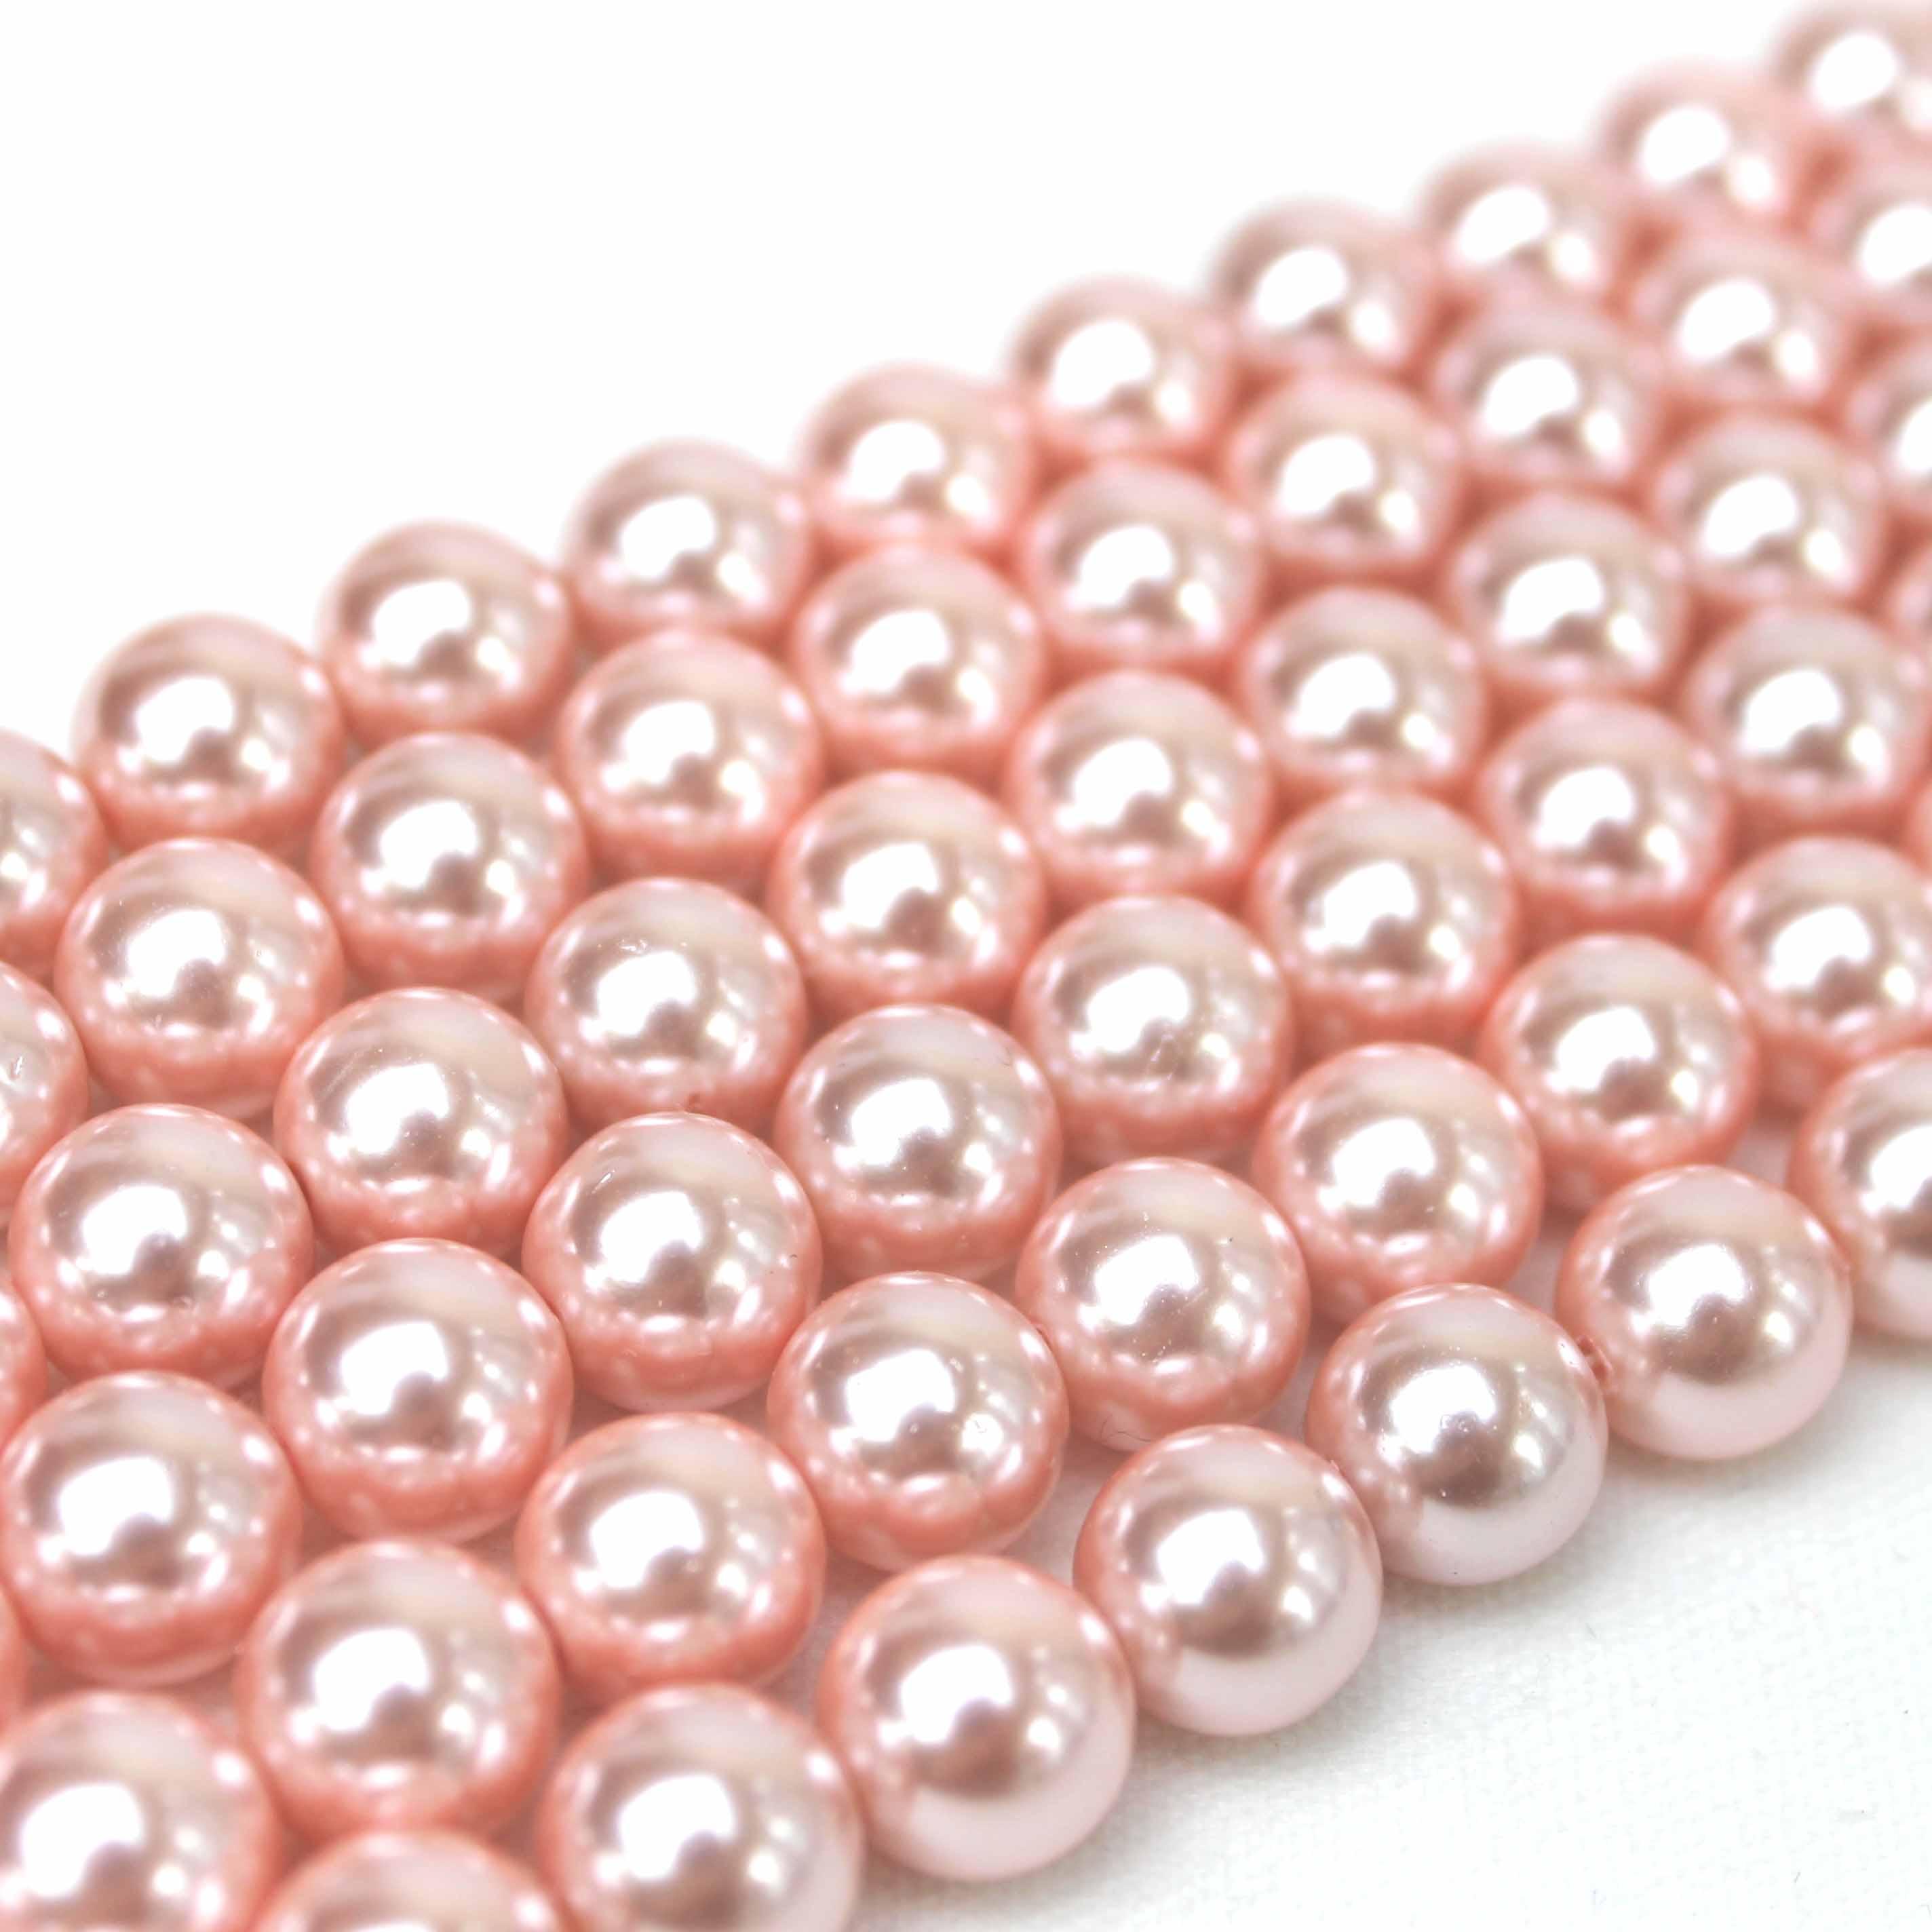 連 シェルパール ピンク 丸 8mm    品番: 9945